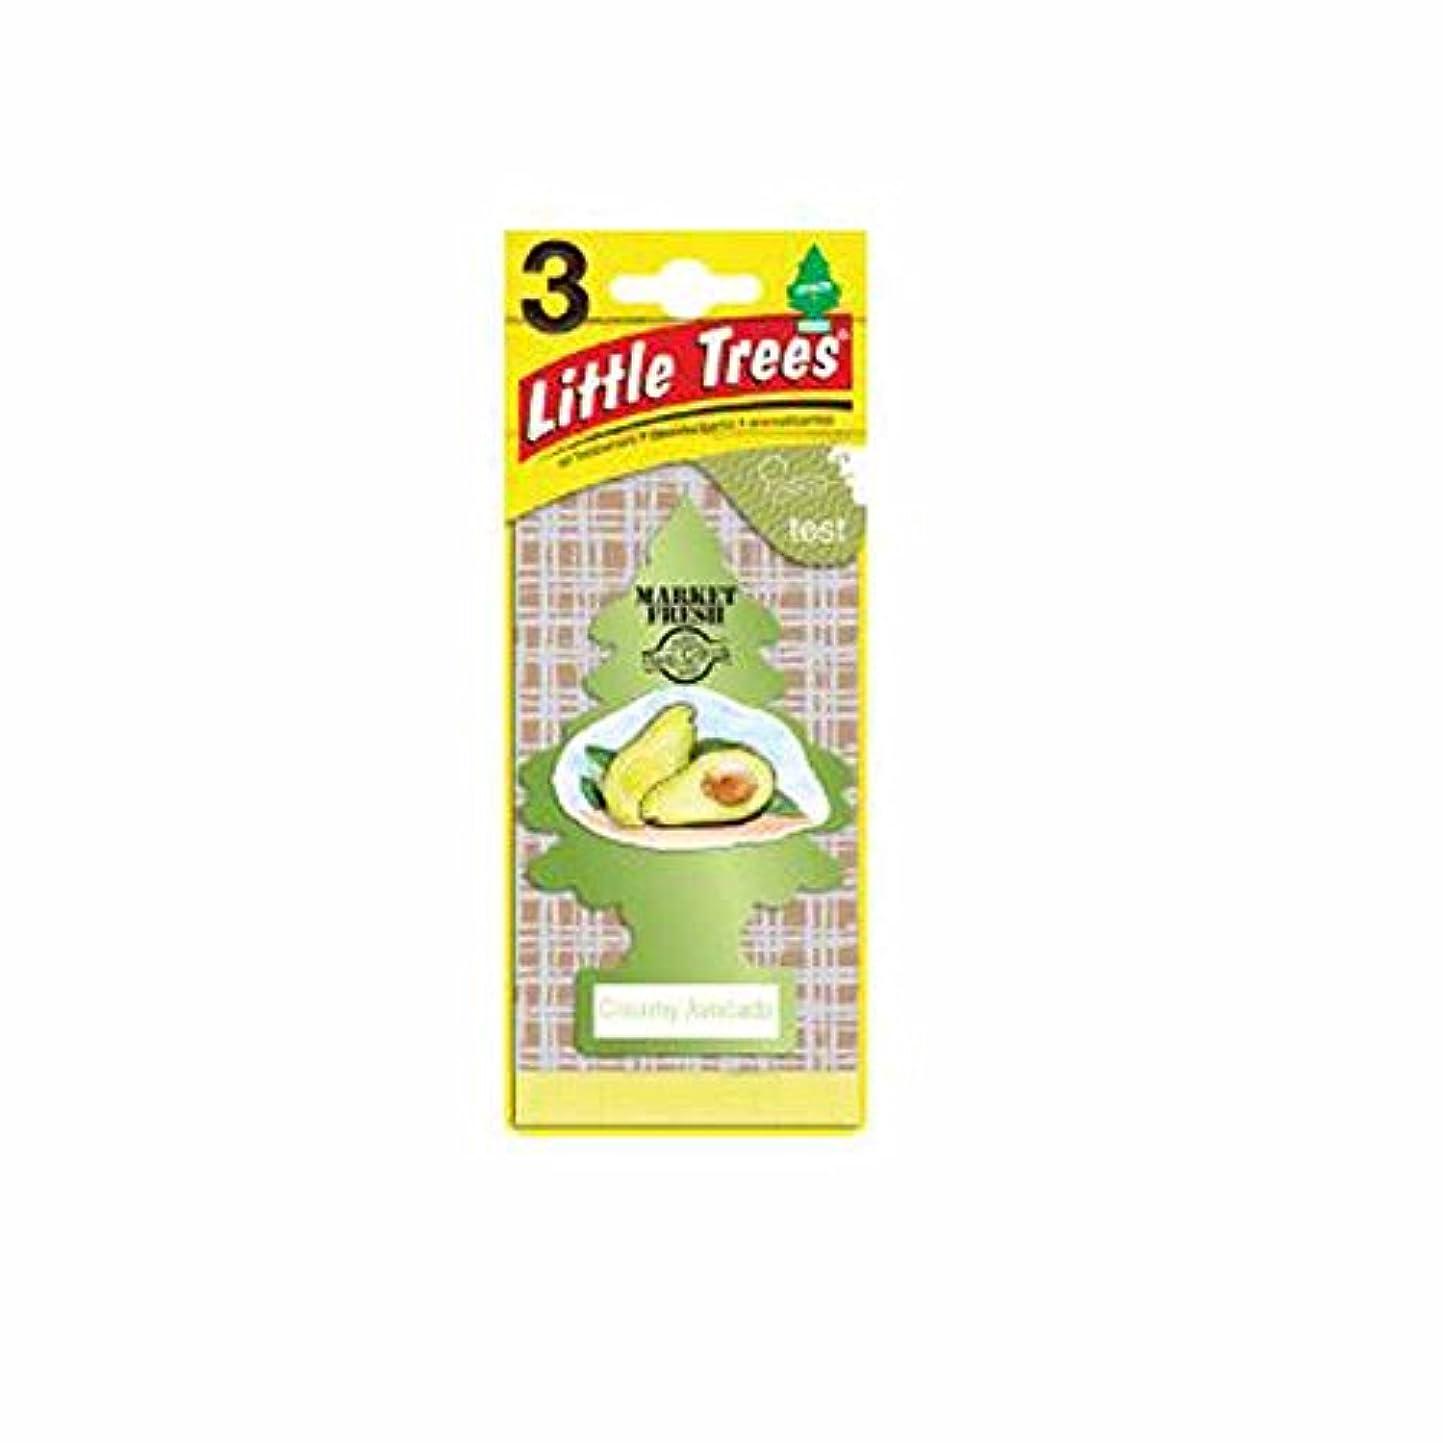 燃料寝てるダーリンLittle Trees 吊下げタイプ エアーフレッシュナー creamy avocado(クリーミーアボカド) 3枚セット(3P) U3S-37340